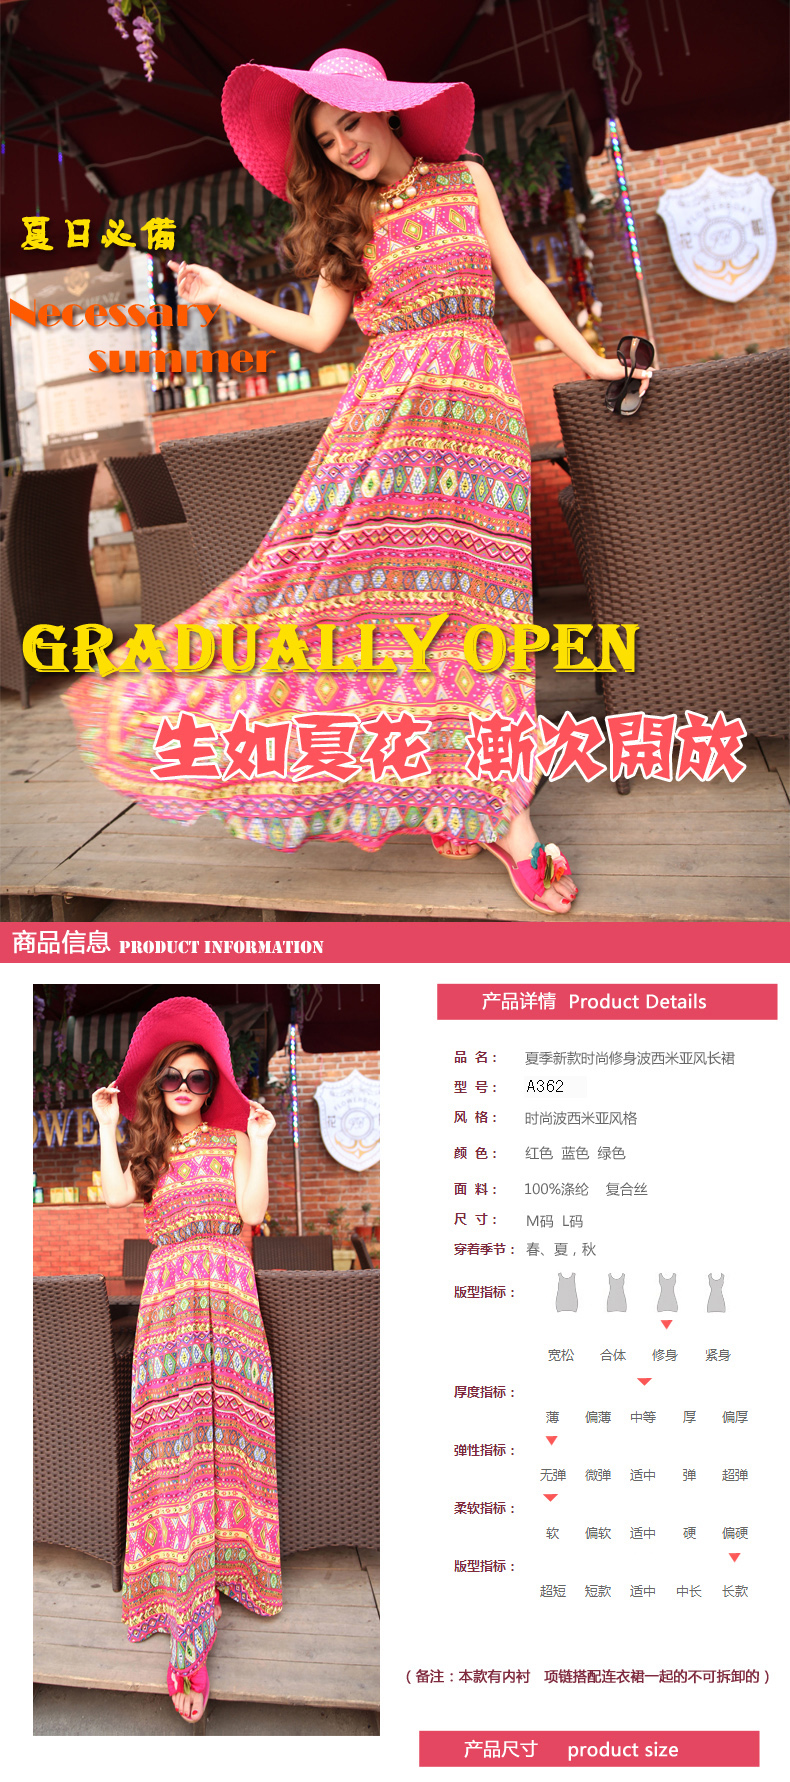 2014热卖夏季 原创女装设计波西米亚长裙新款连衣裙A362图片一